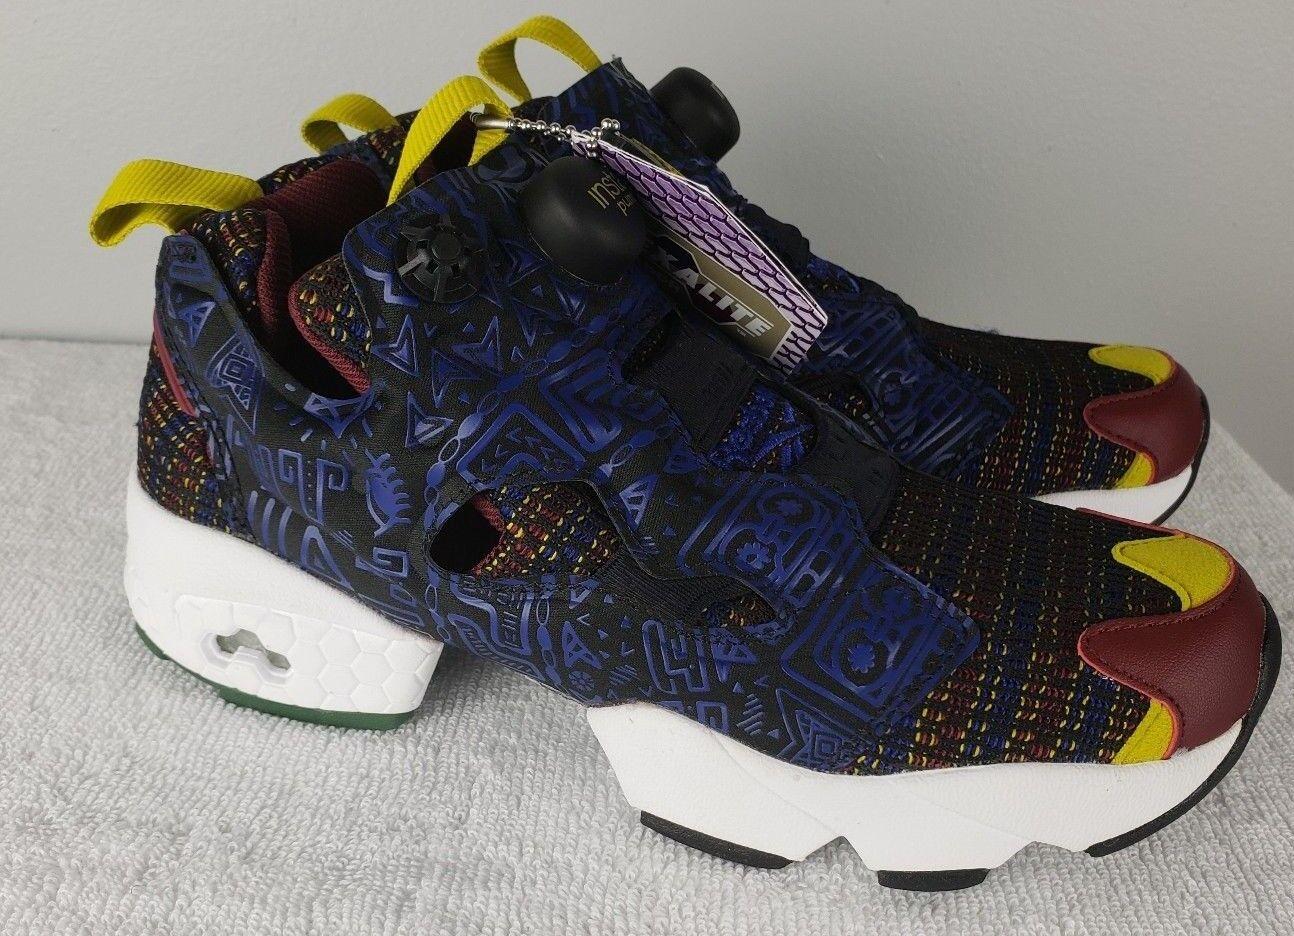 Para Mujer Reebok Instapump Fury tamaño tamaño tamaño 7 Zapatos Tenis africano Pack AR1706 bomba  online al mejor precio